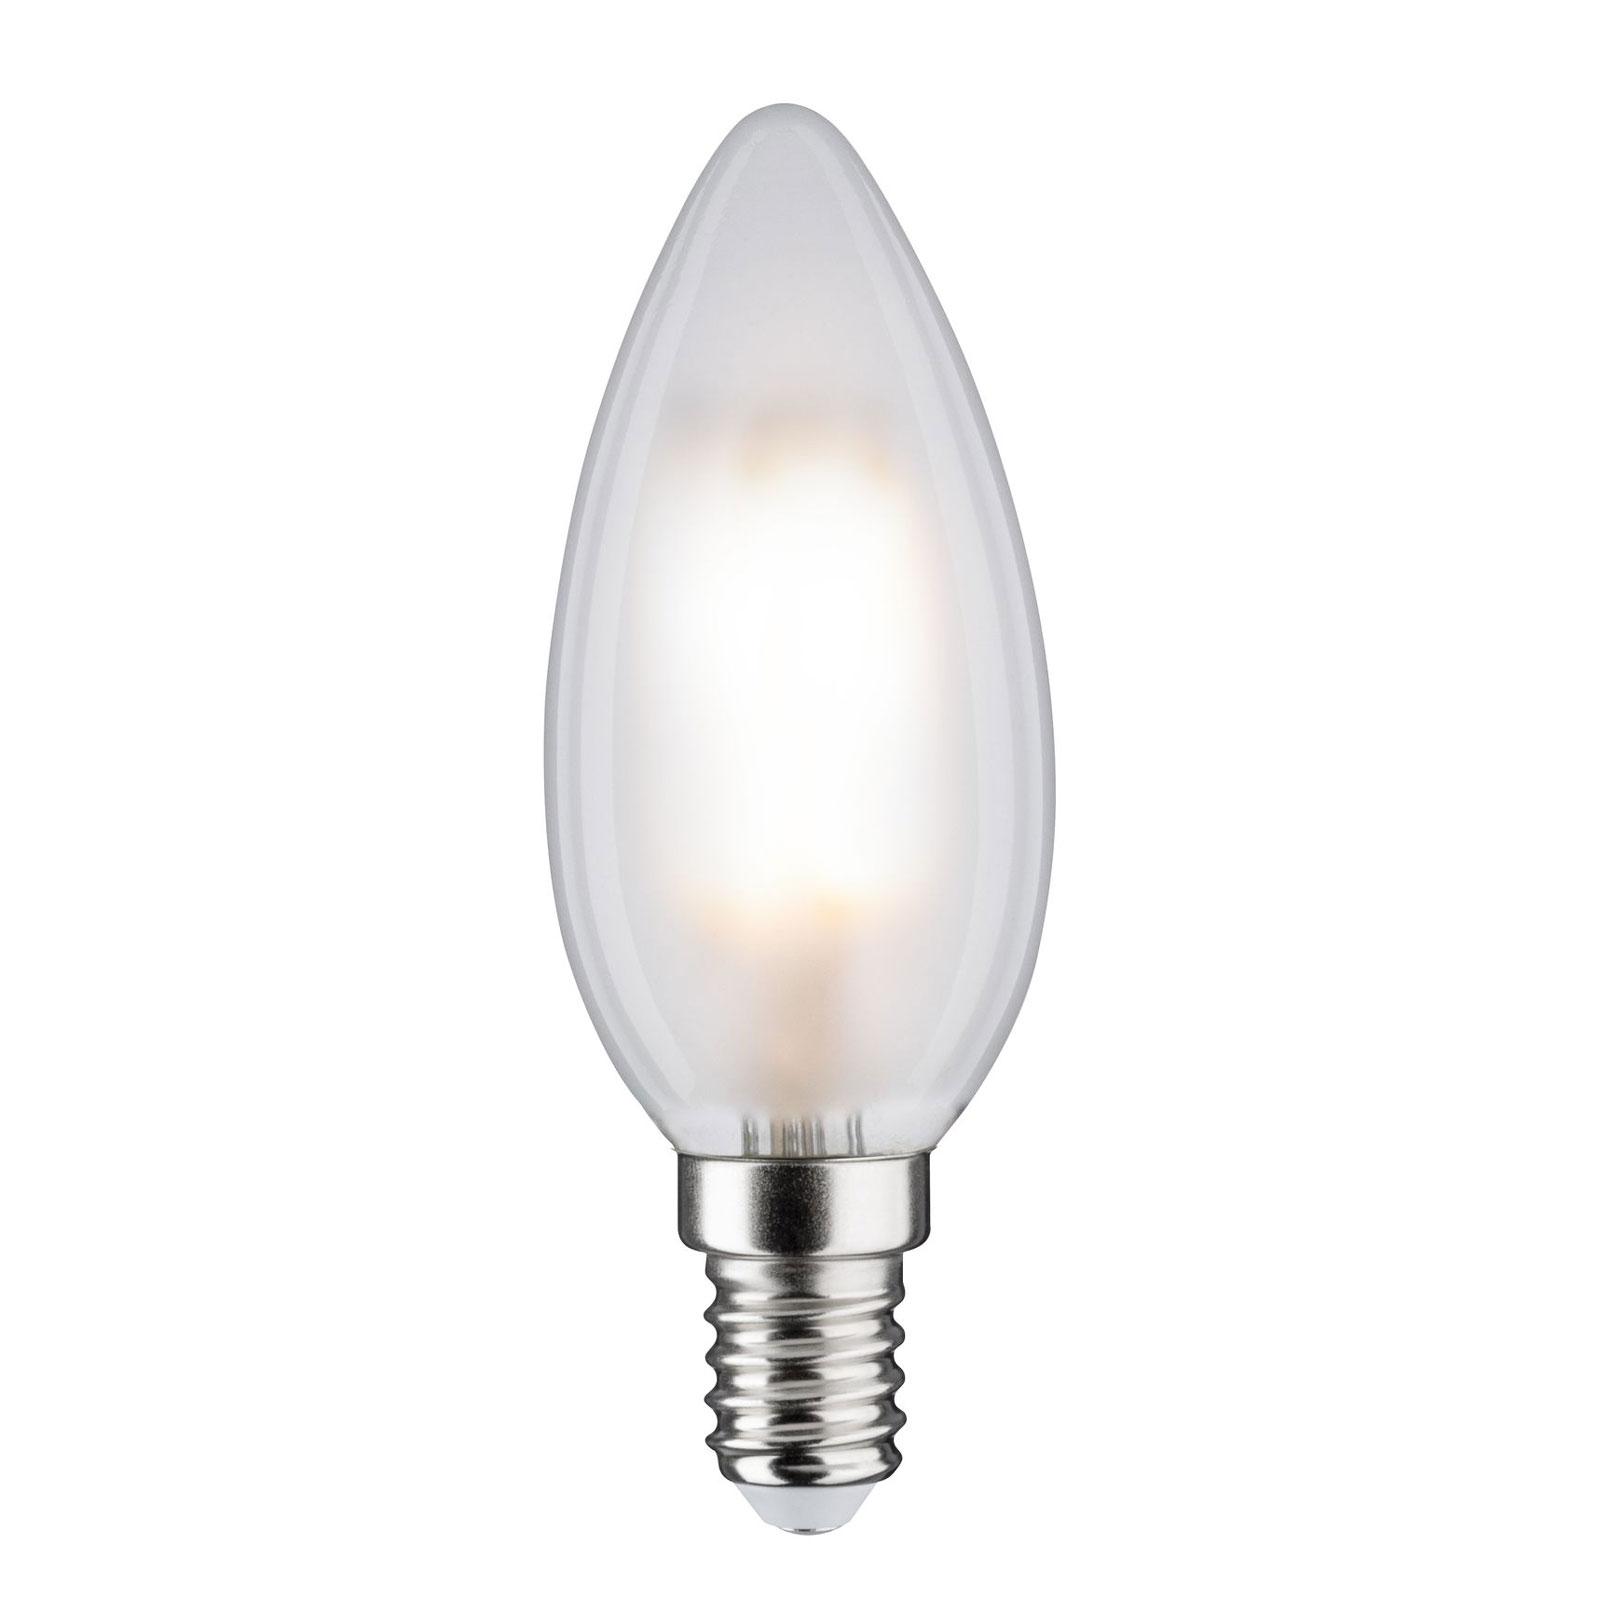 LED-pære E14 B35 5 W 840 matt dimbar